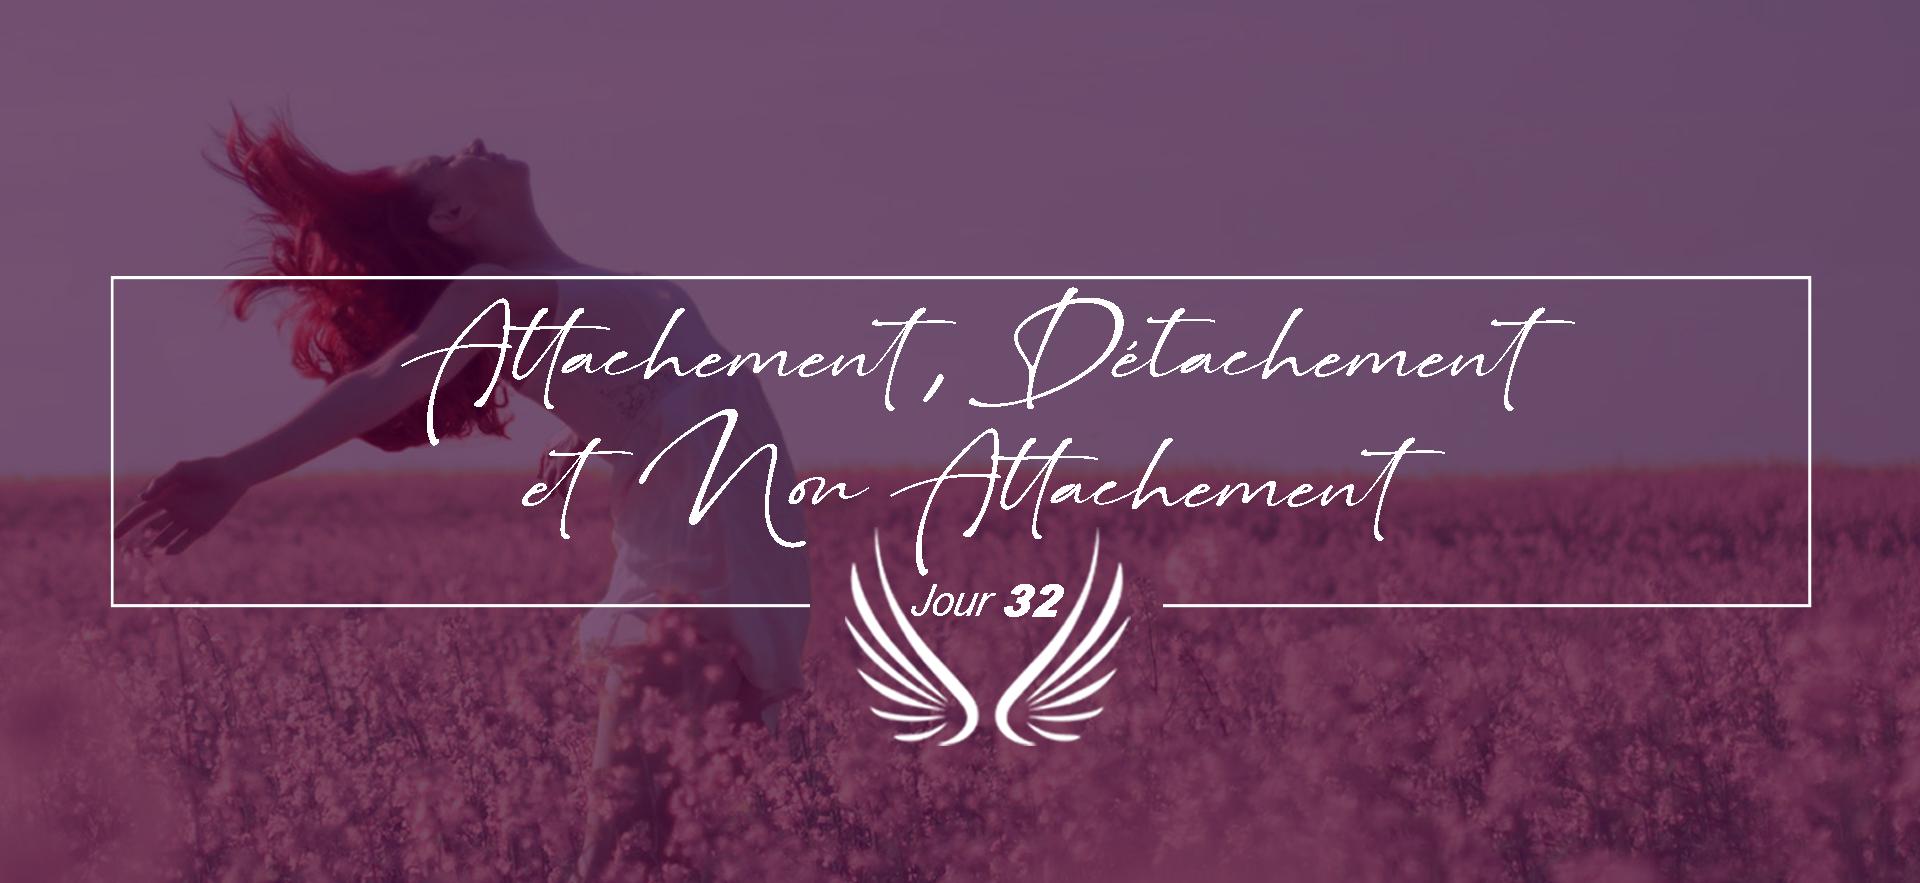 JOUR 32 – ATTACHEMENT, DETACHEMENT ET NO